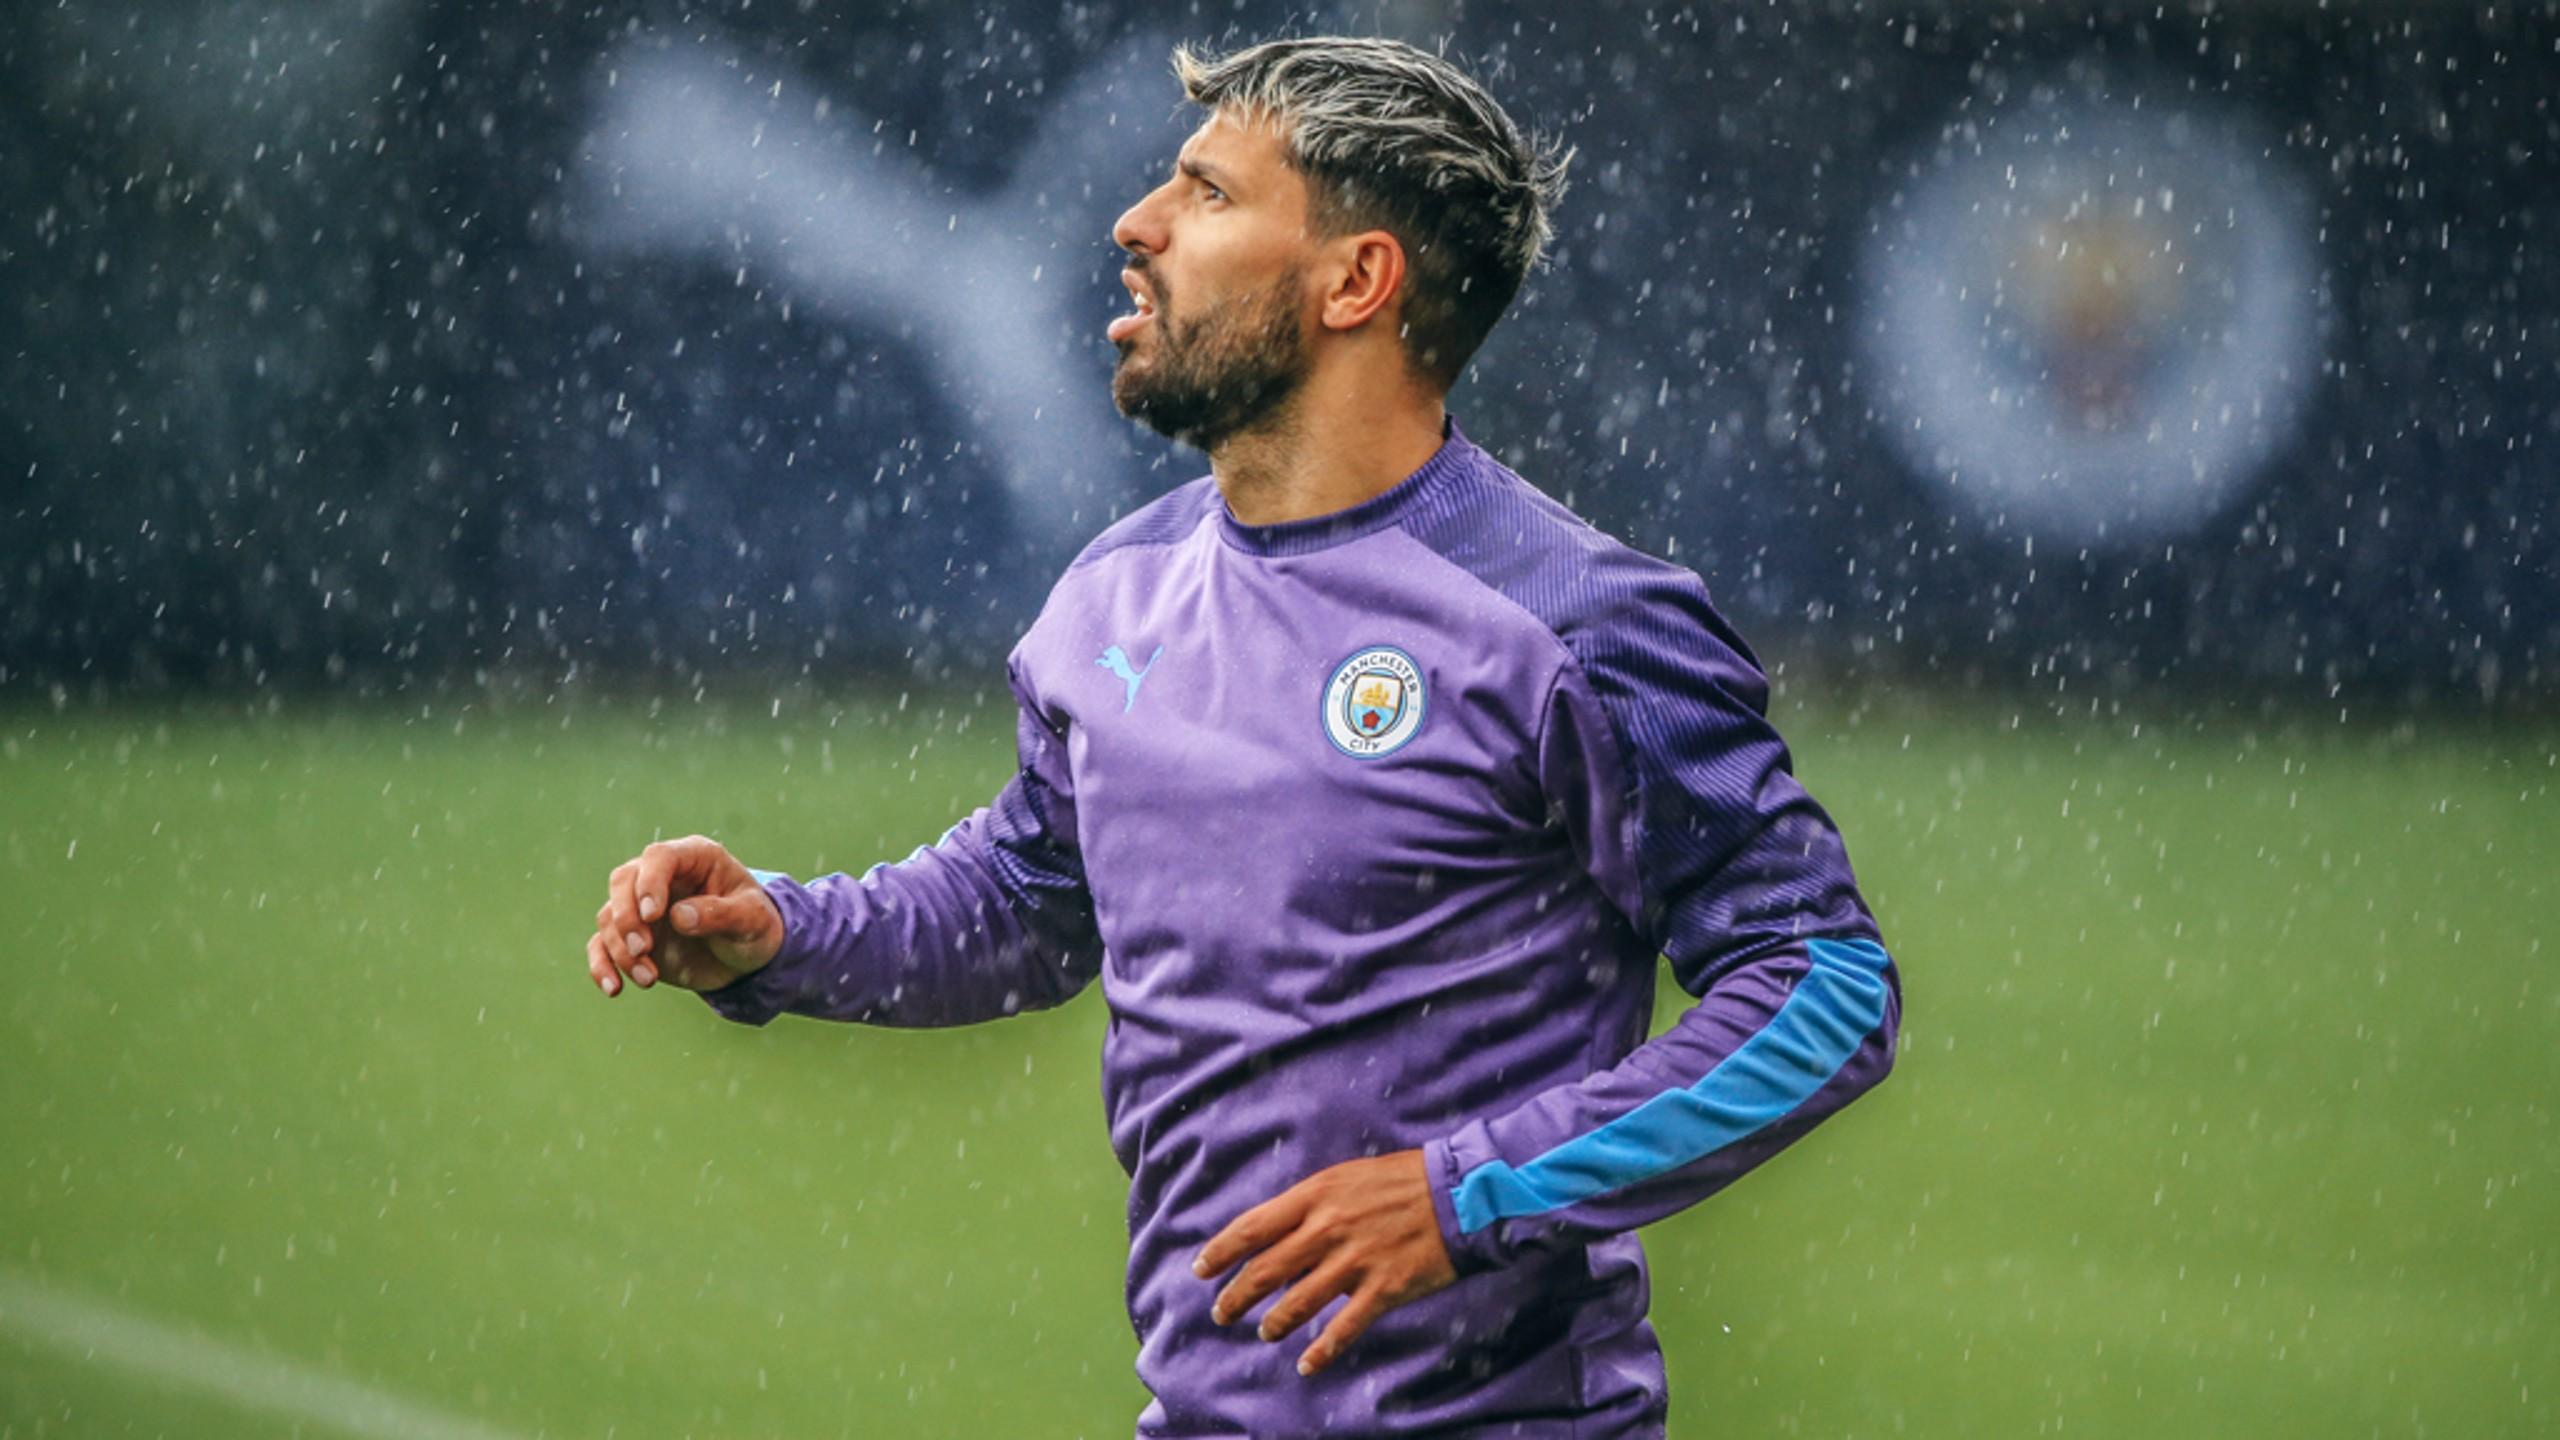 SERGIO: Dancing between the raindrops